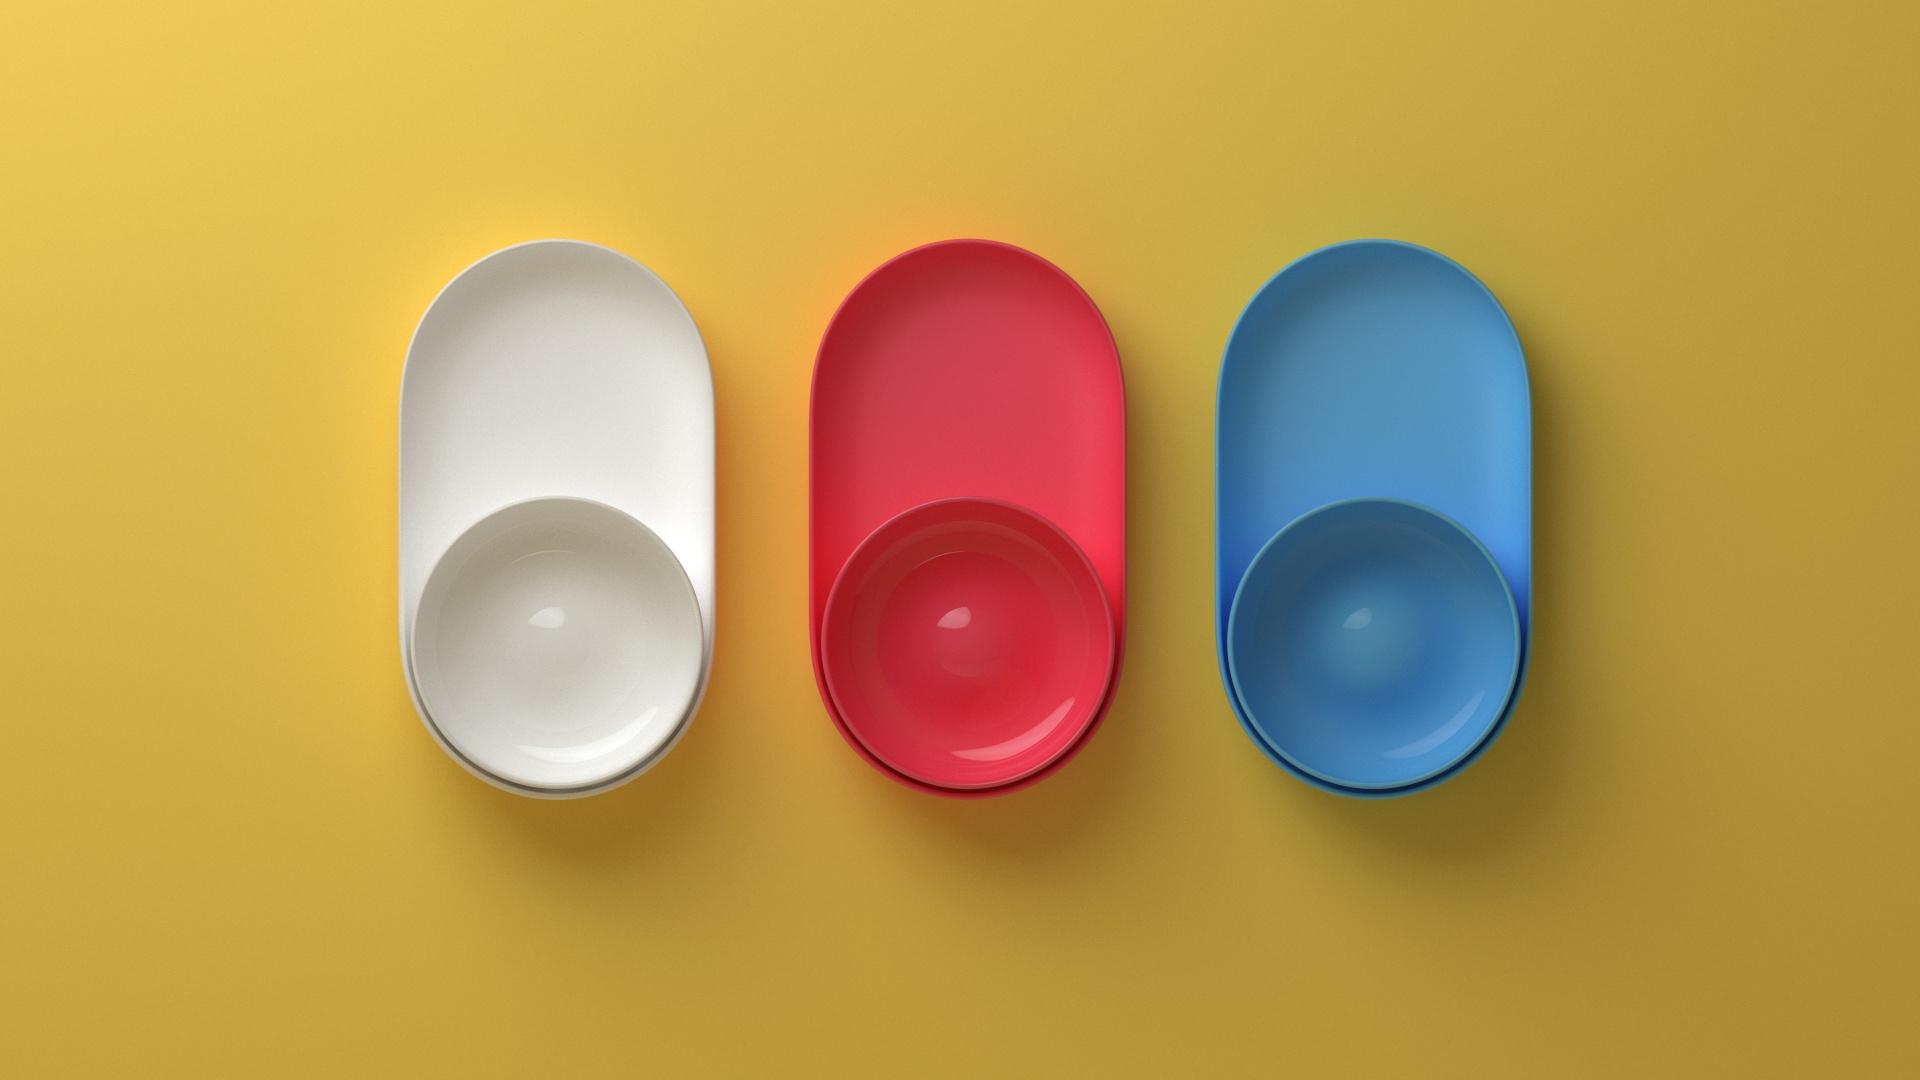 3colors.jpg